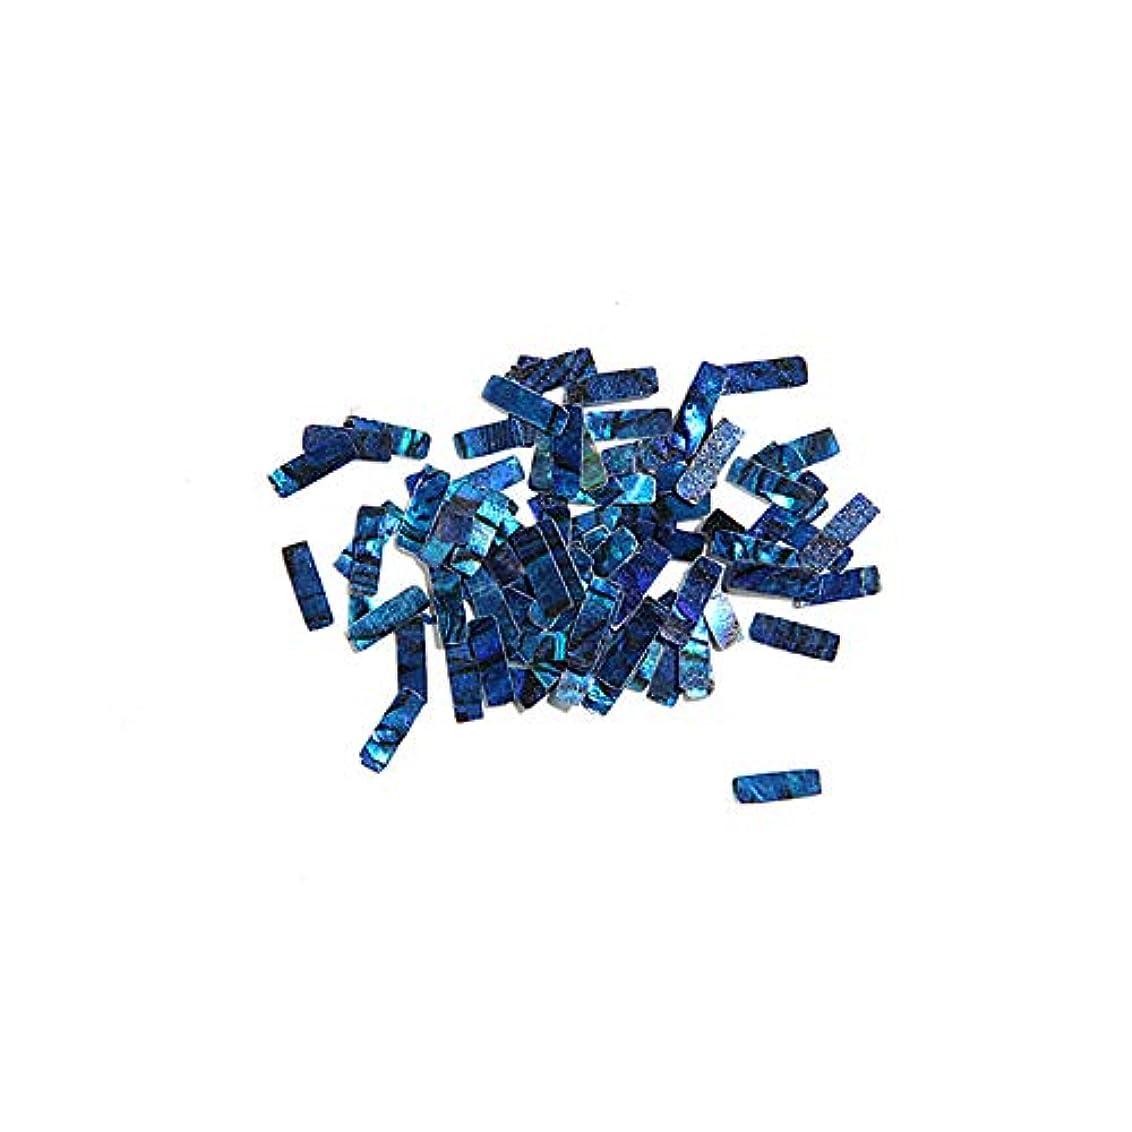 あごひげ大不完全なSnner ネイル グリッター ラメ キラキラ ラメパウダー ネイルアートパーツ レジン用 ジェルネイル おしゃれ プレゼント ネイル用装飾 彩られる ネイルステッカー (YH53-02)